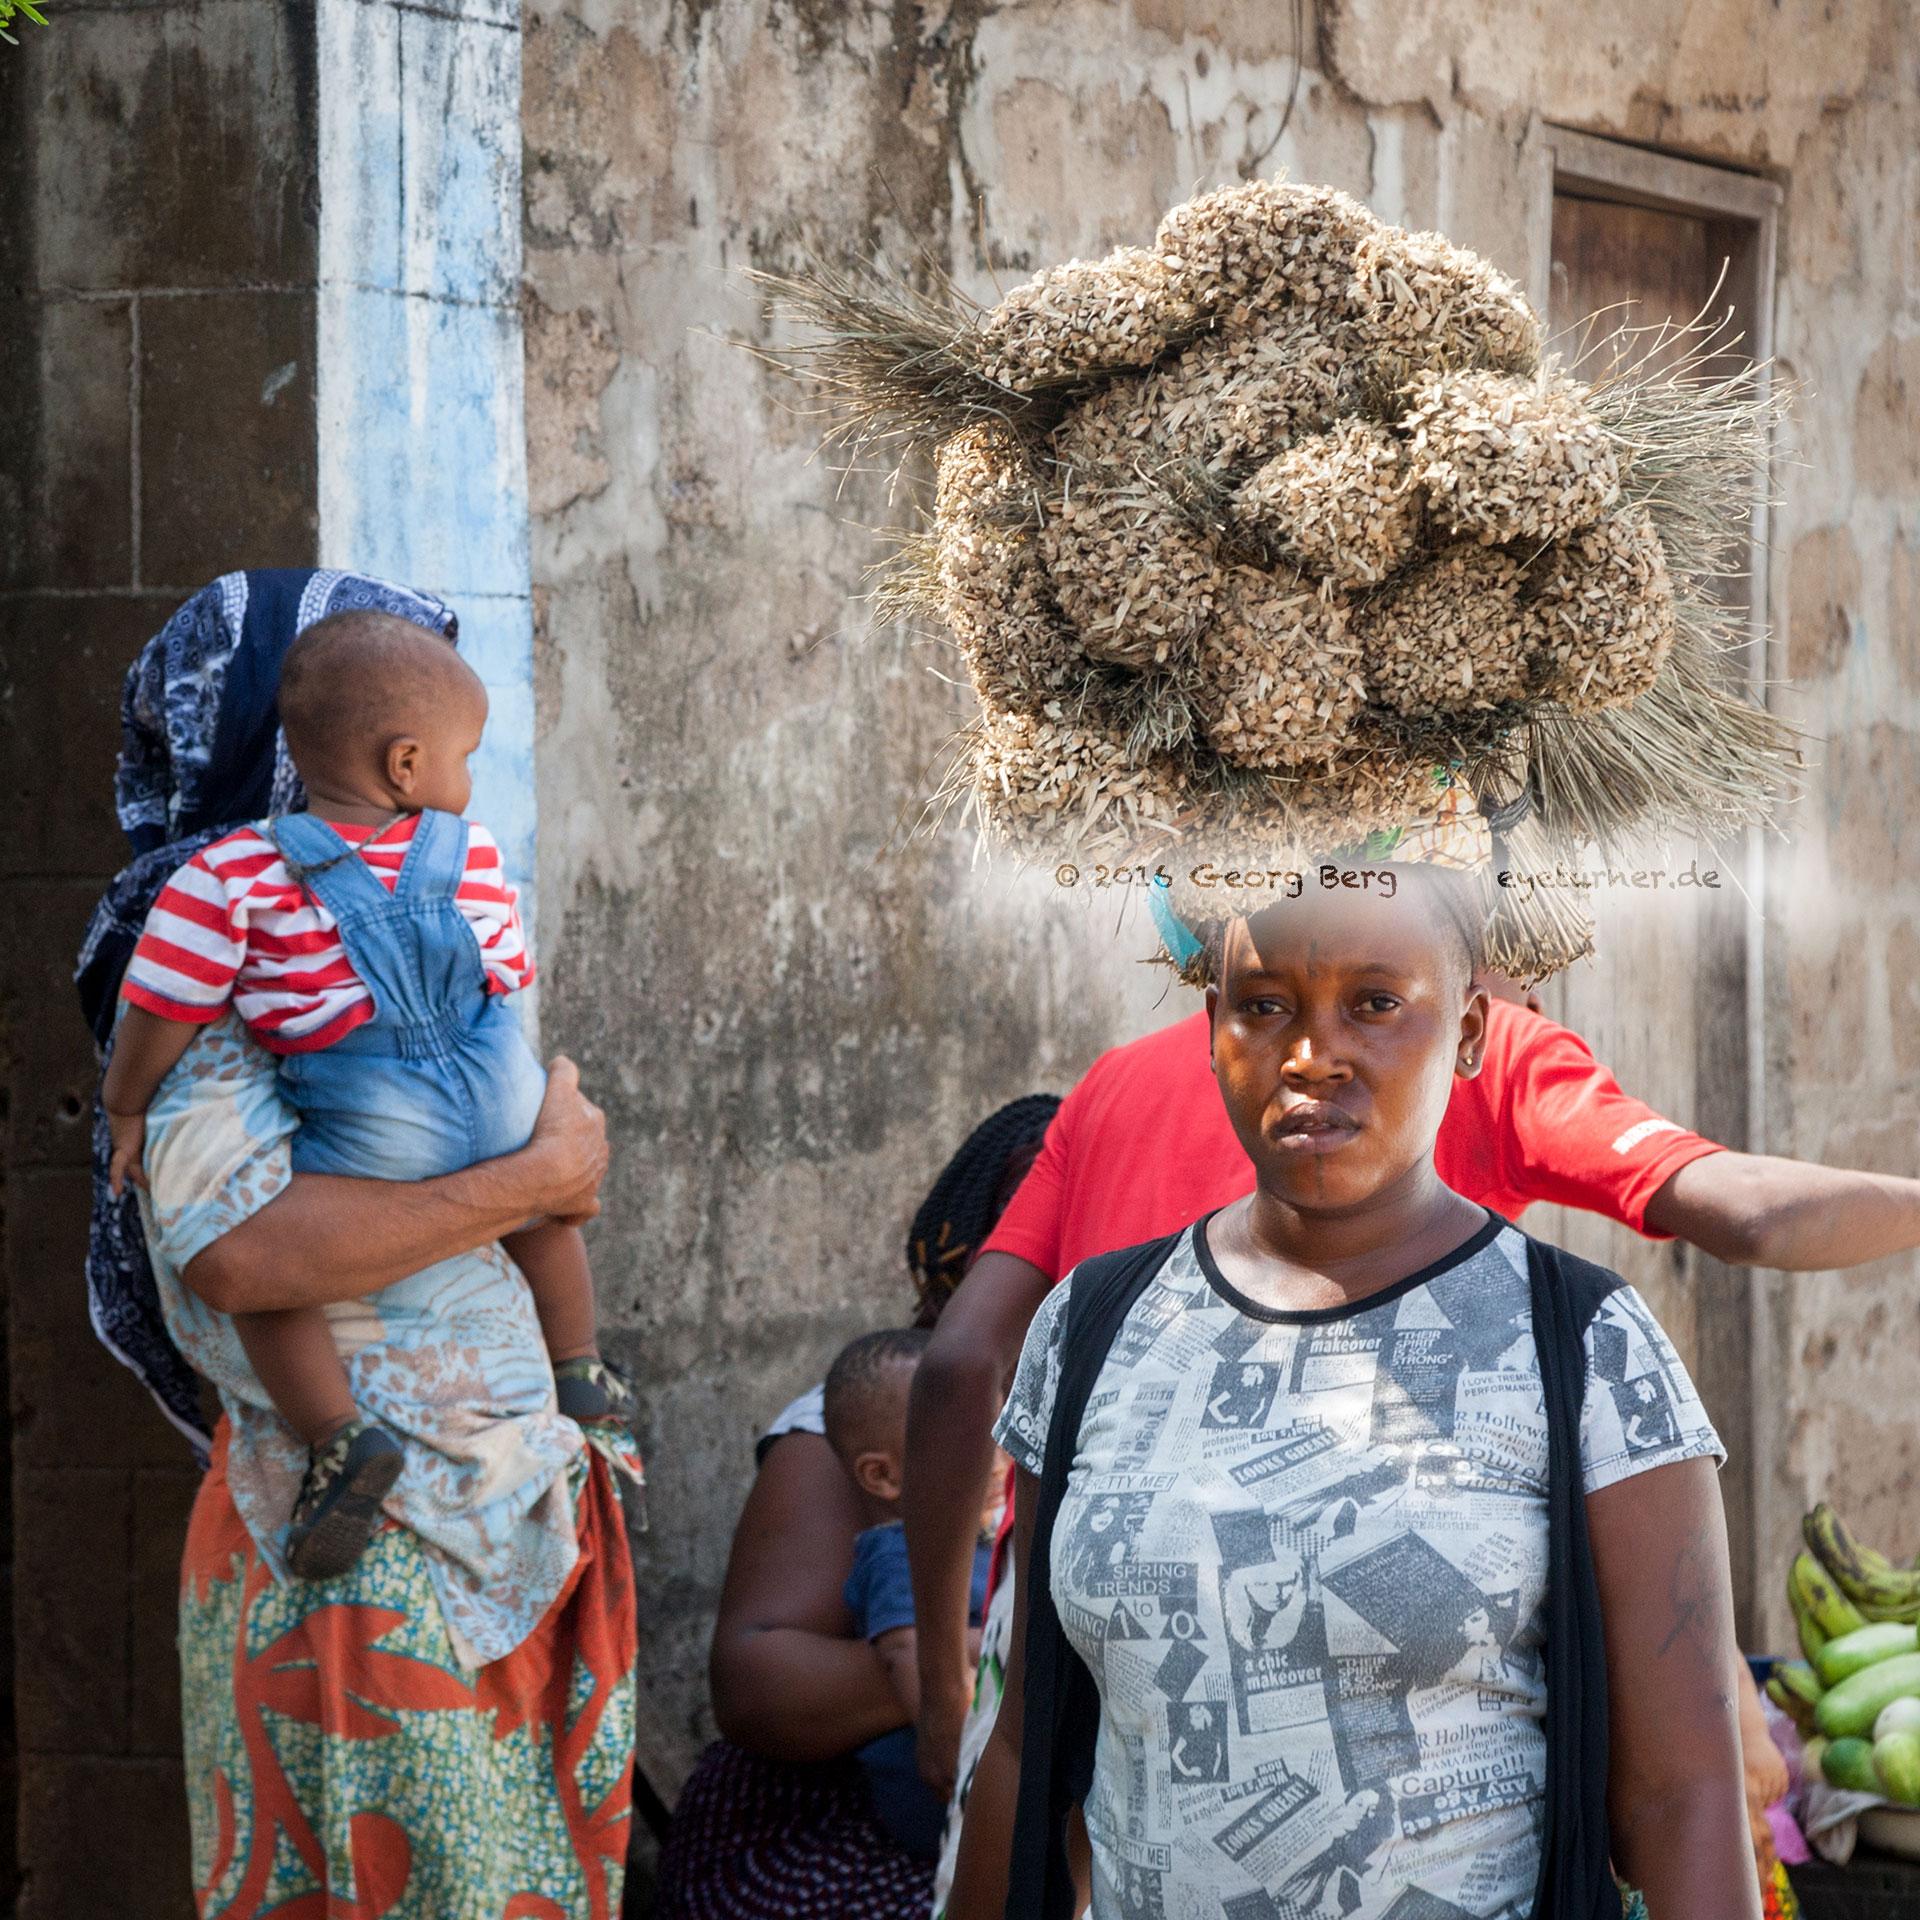 Frau aus Sierra Leone mit Bürsten auf dem Kopf